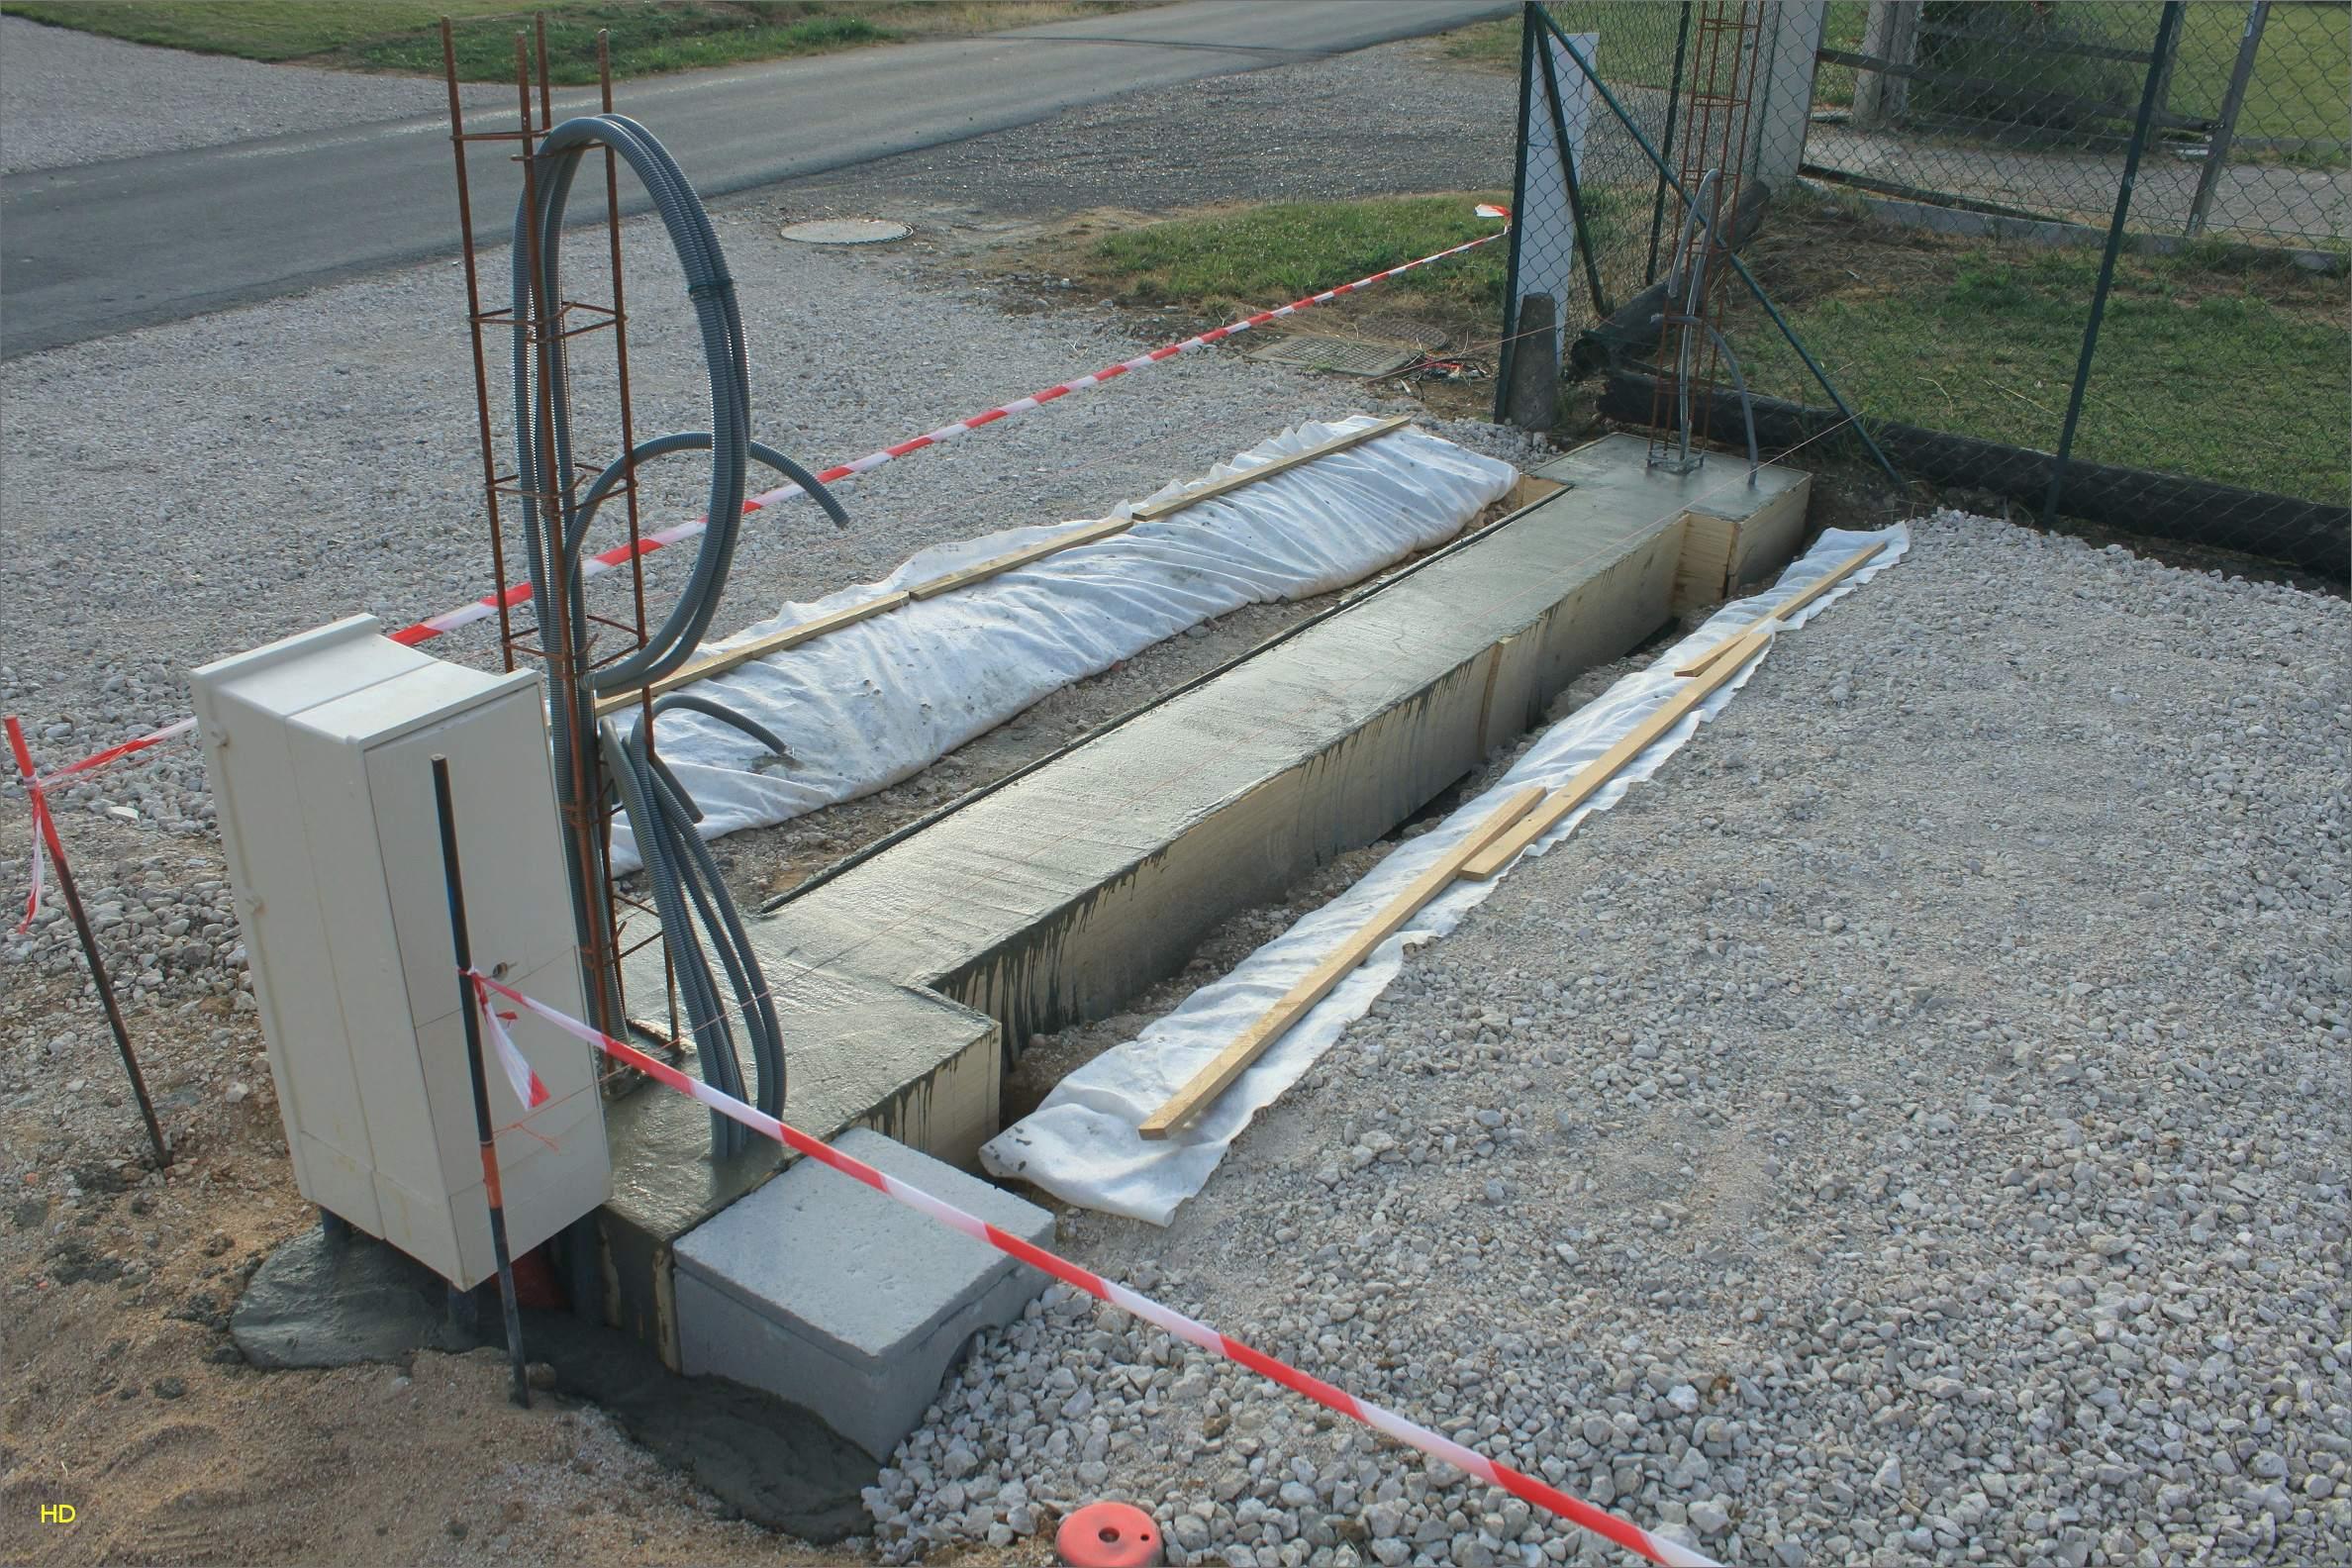 Brico Depot Cabane De Jardin Meilleur De Images Magasin Jardin Nouveau Brico Depot Abri De Jardin Nouveau Garage Le